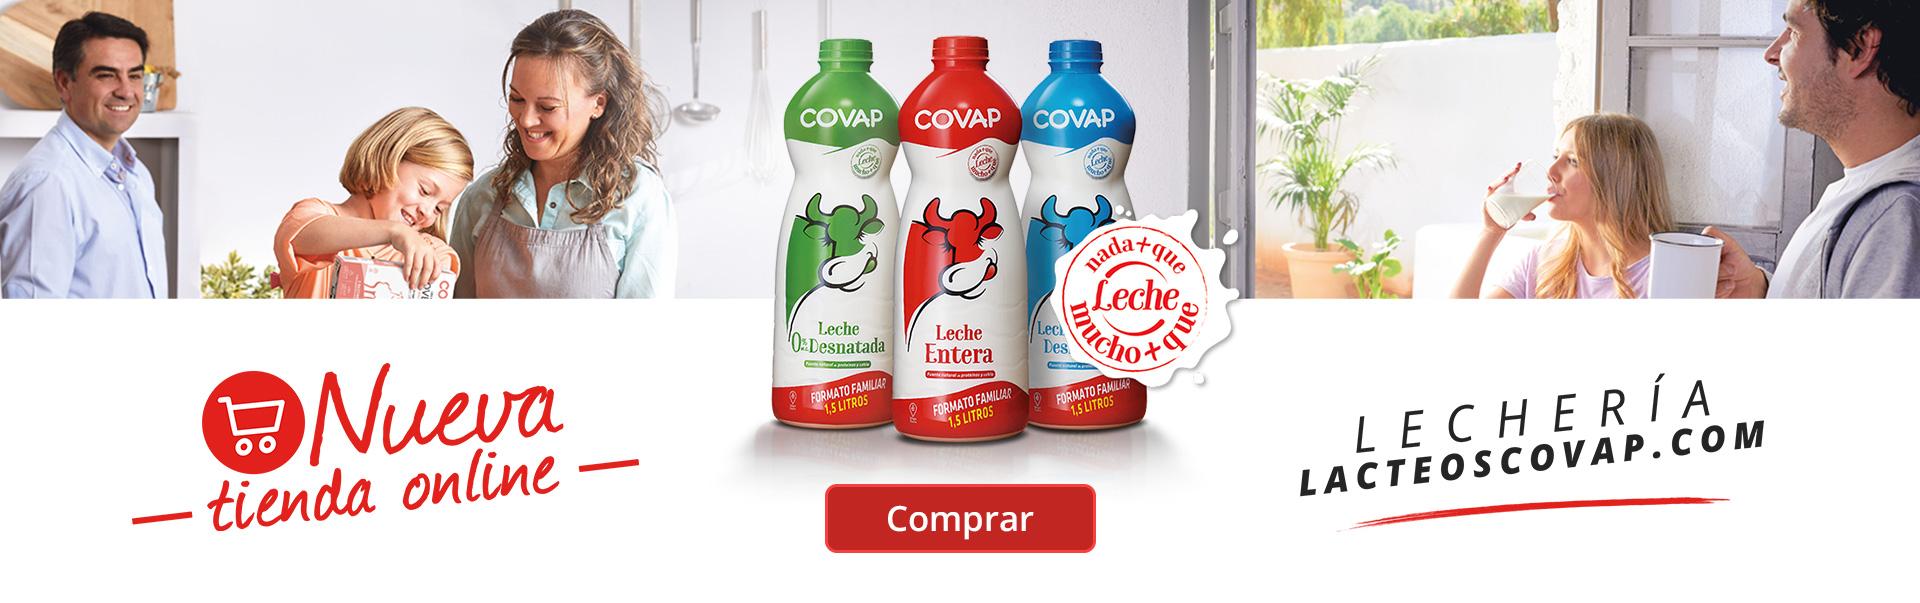 La Lechería de Lácteos COVAP | Lácteos COVAP